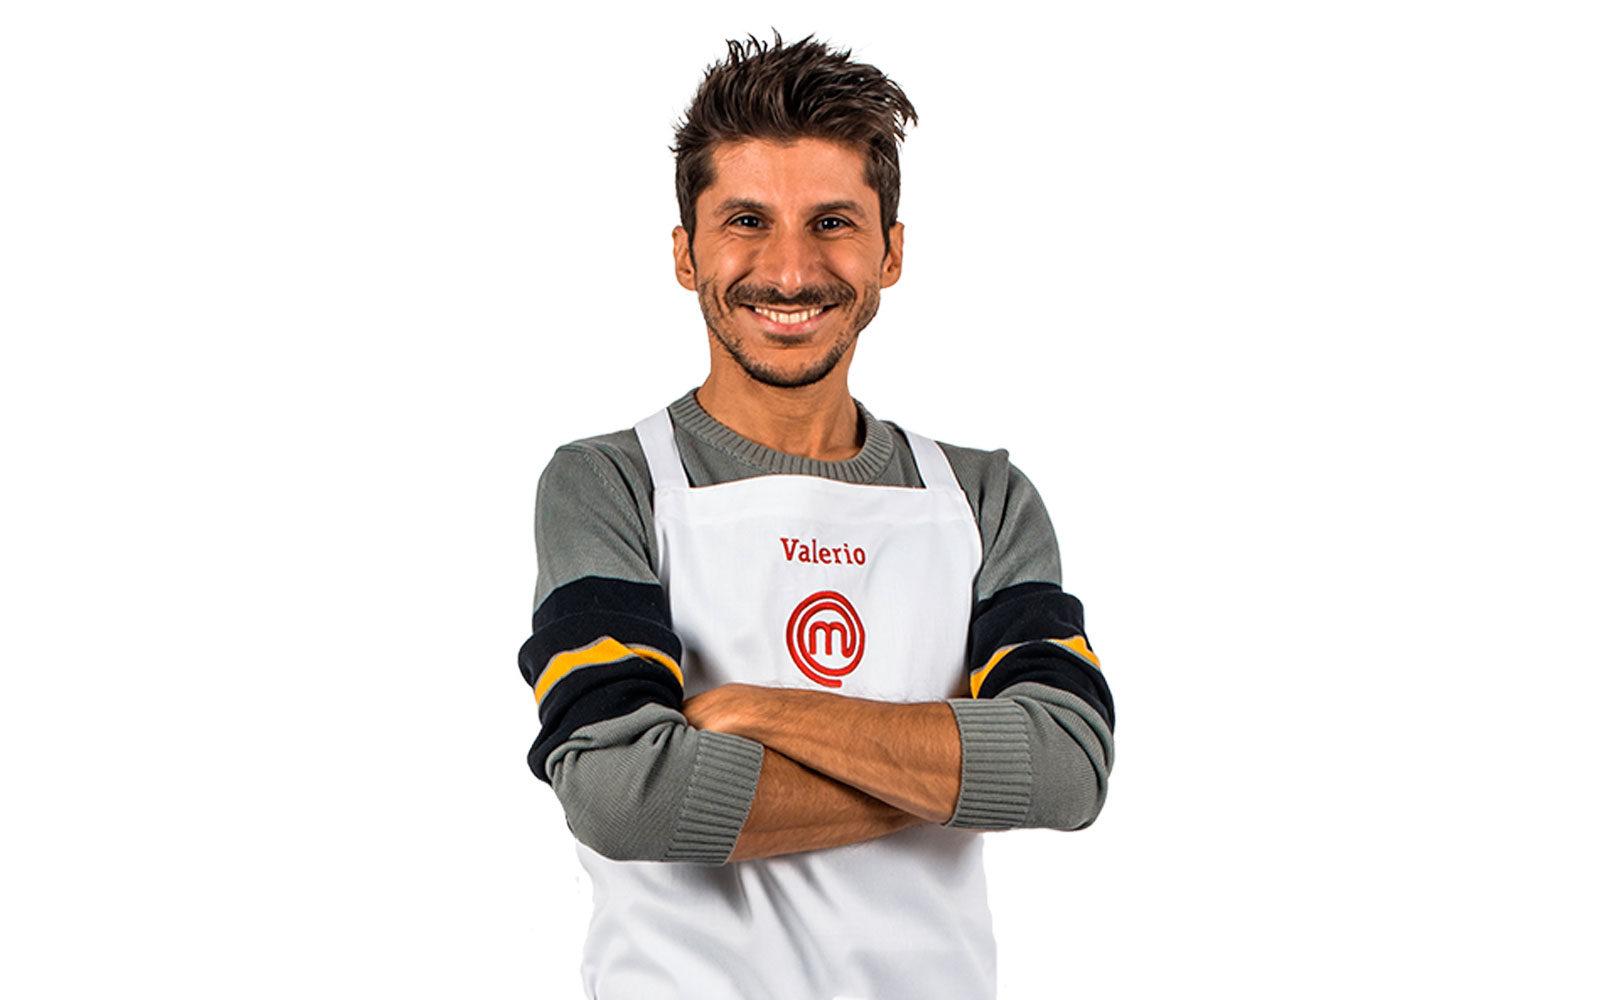 Valerio Spinella